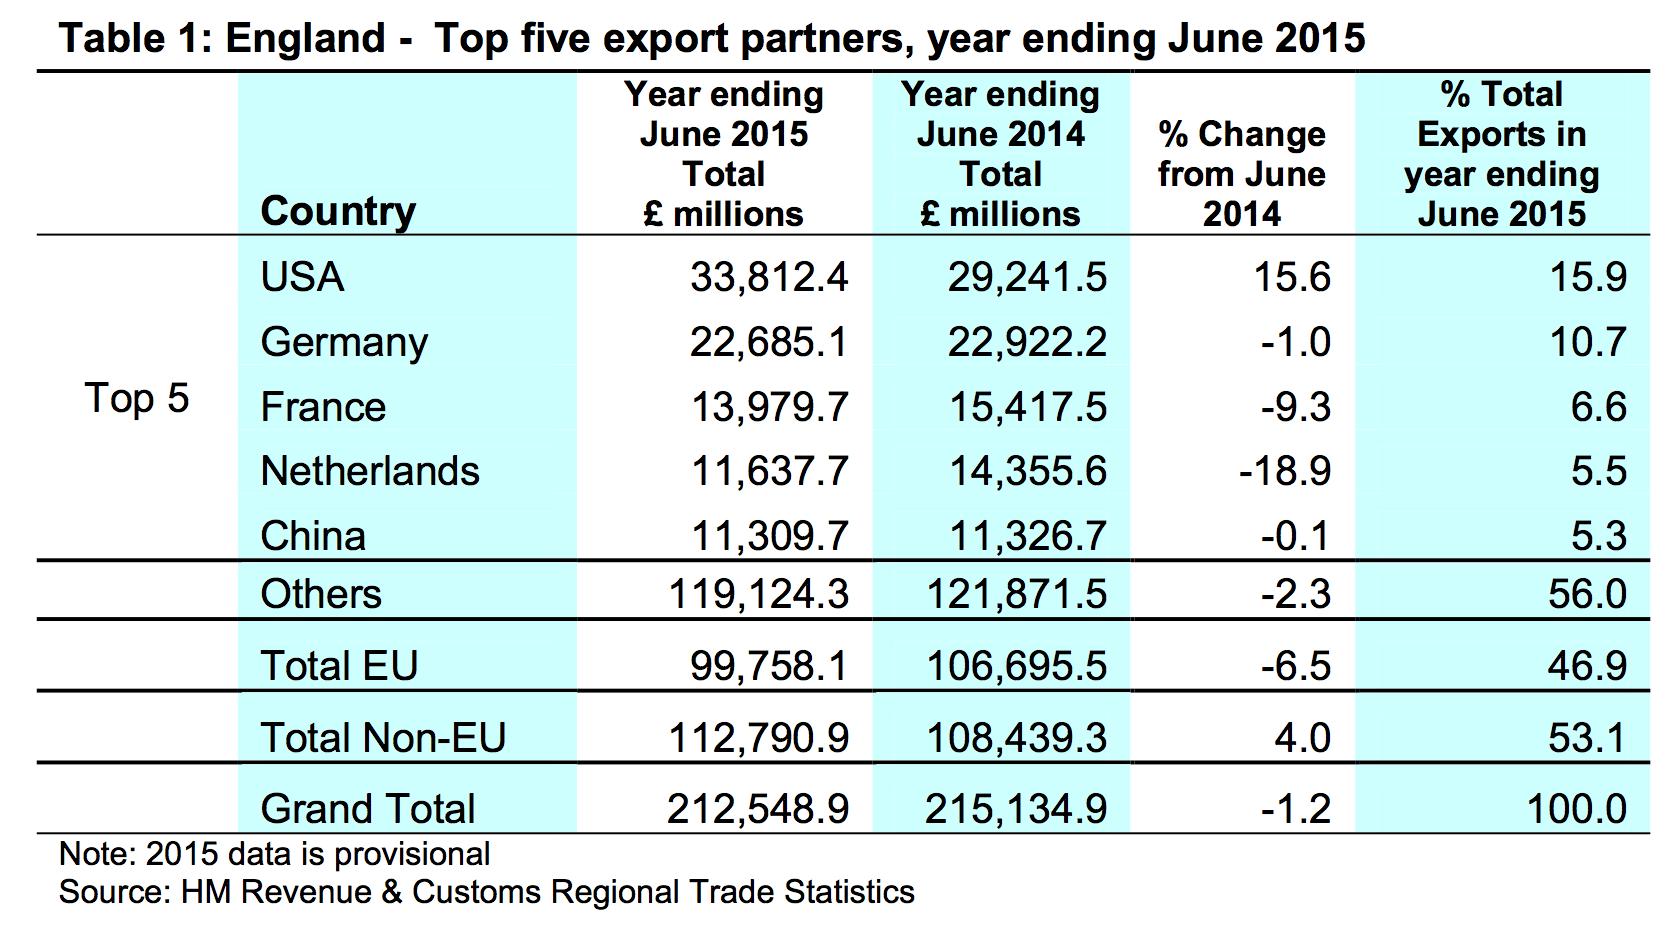 England - Top five export partners, year ending June 2015